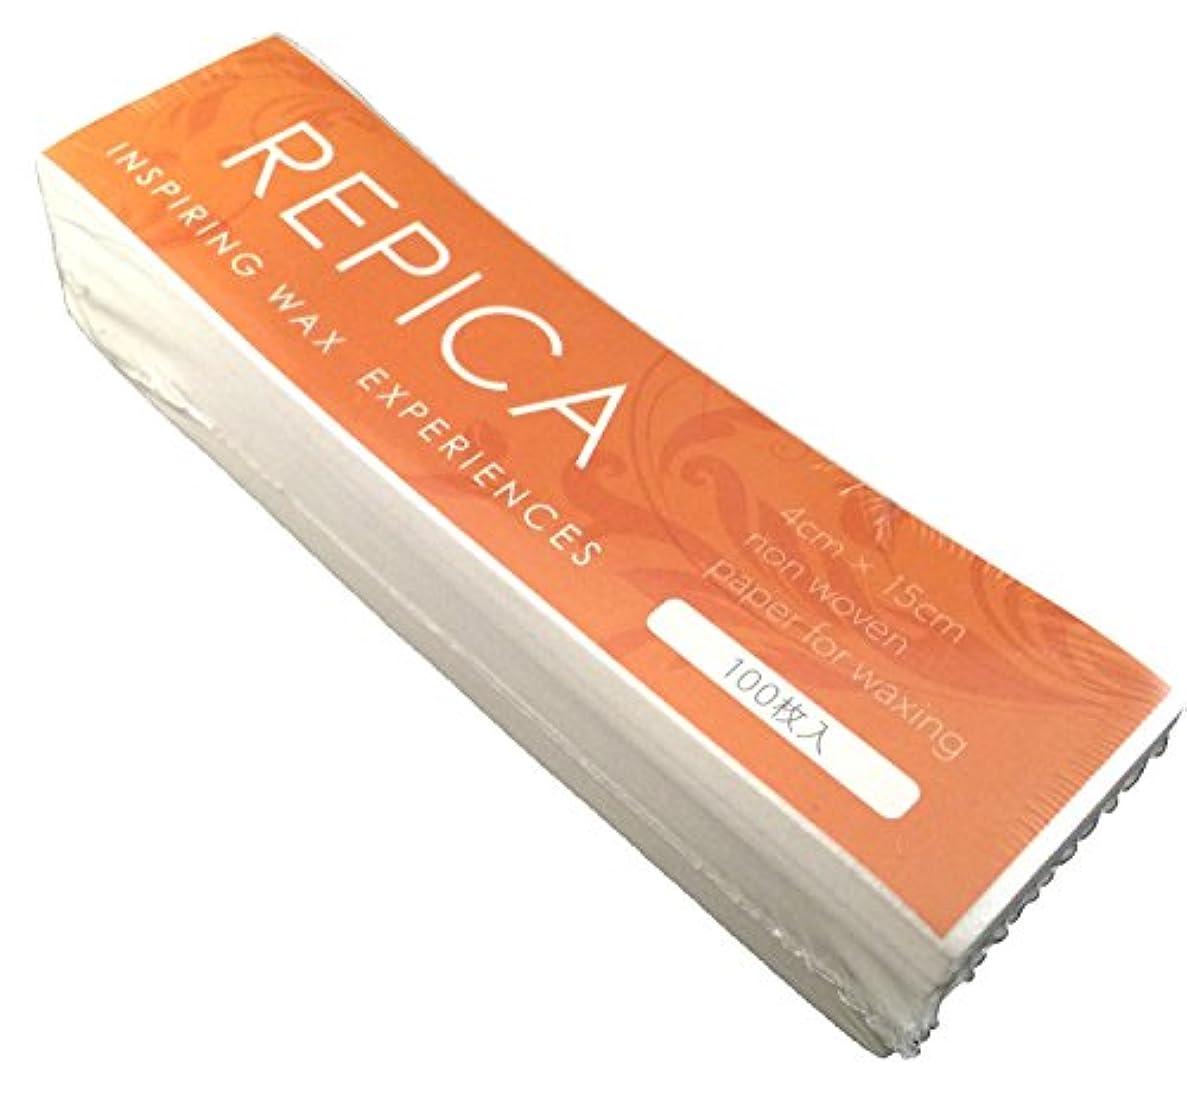 オーナー気を散らすとにかくREPICA ブラジリアンワックス脱毛 カットペーパー Sサイズ100枚入り×5個セット ワックス脱毛 ワックスシート ストリップシート